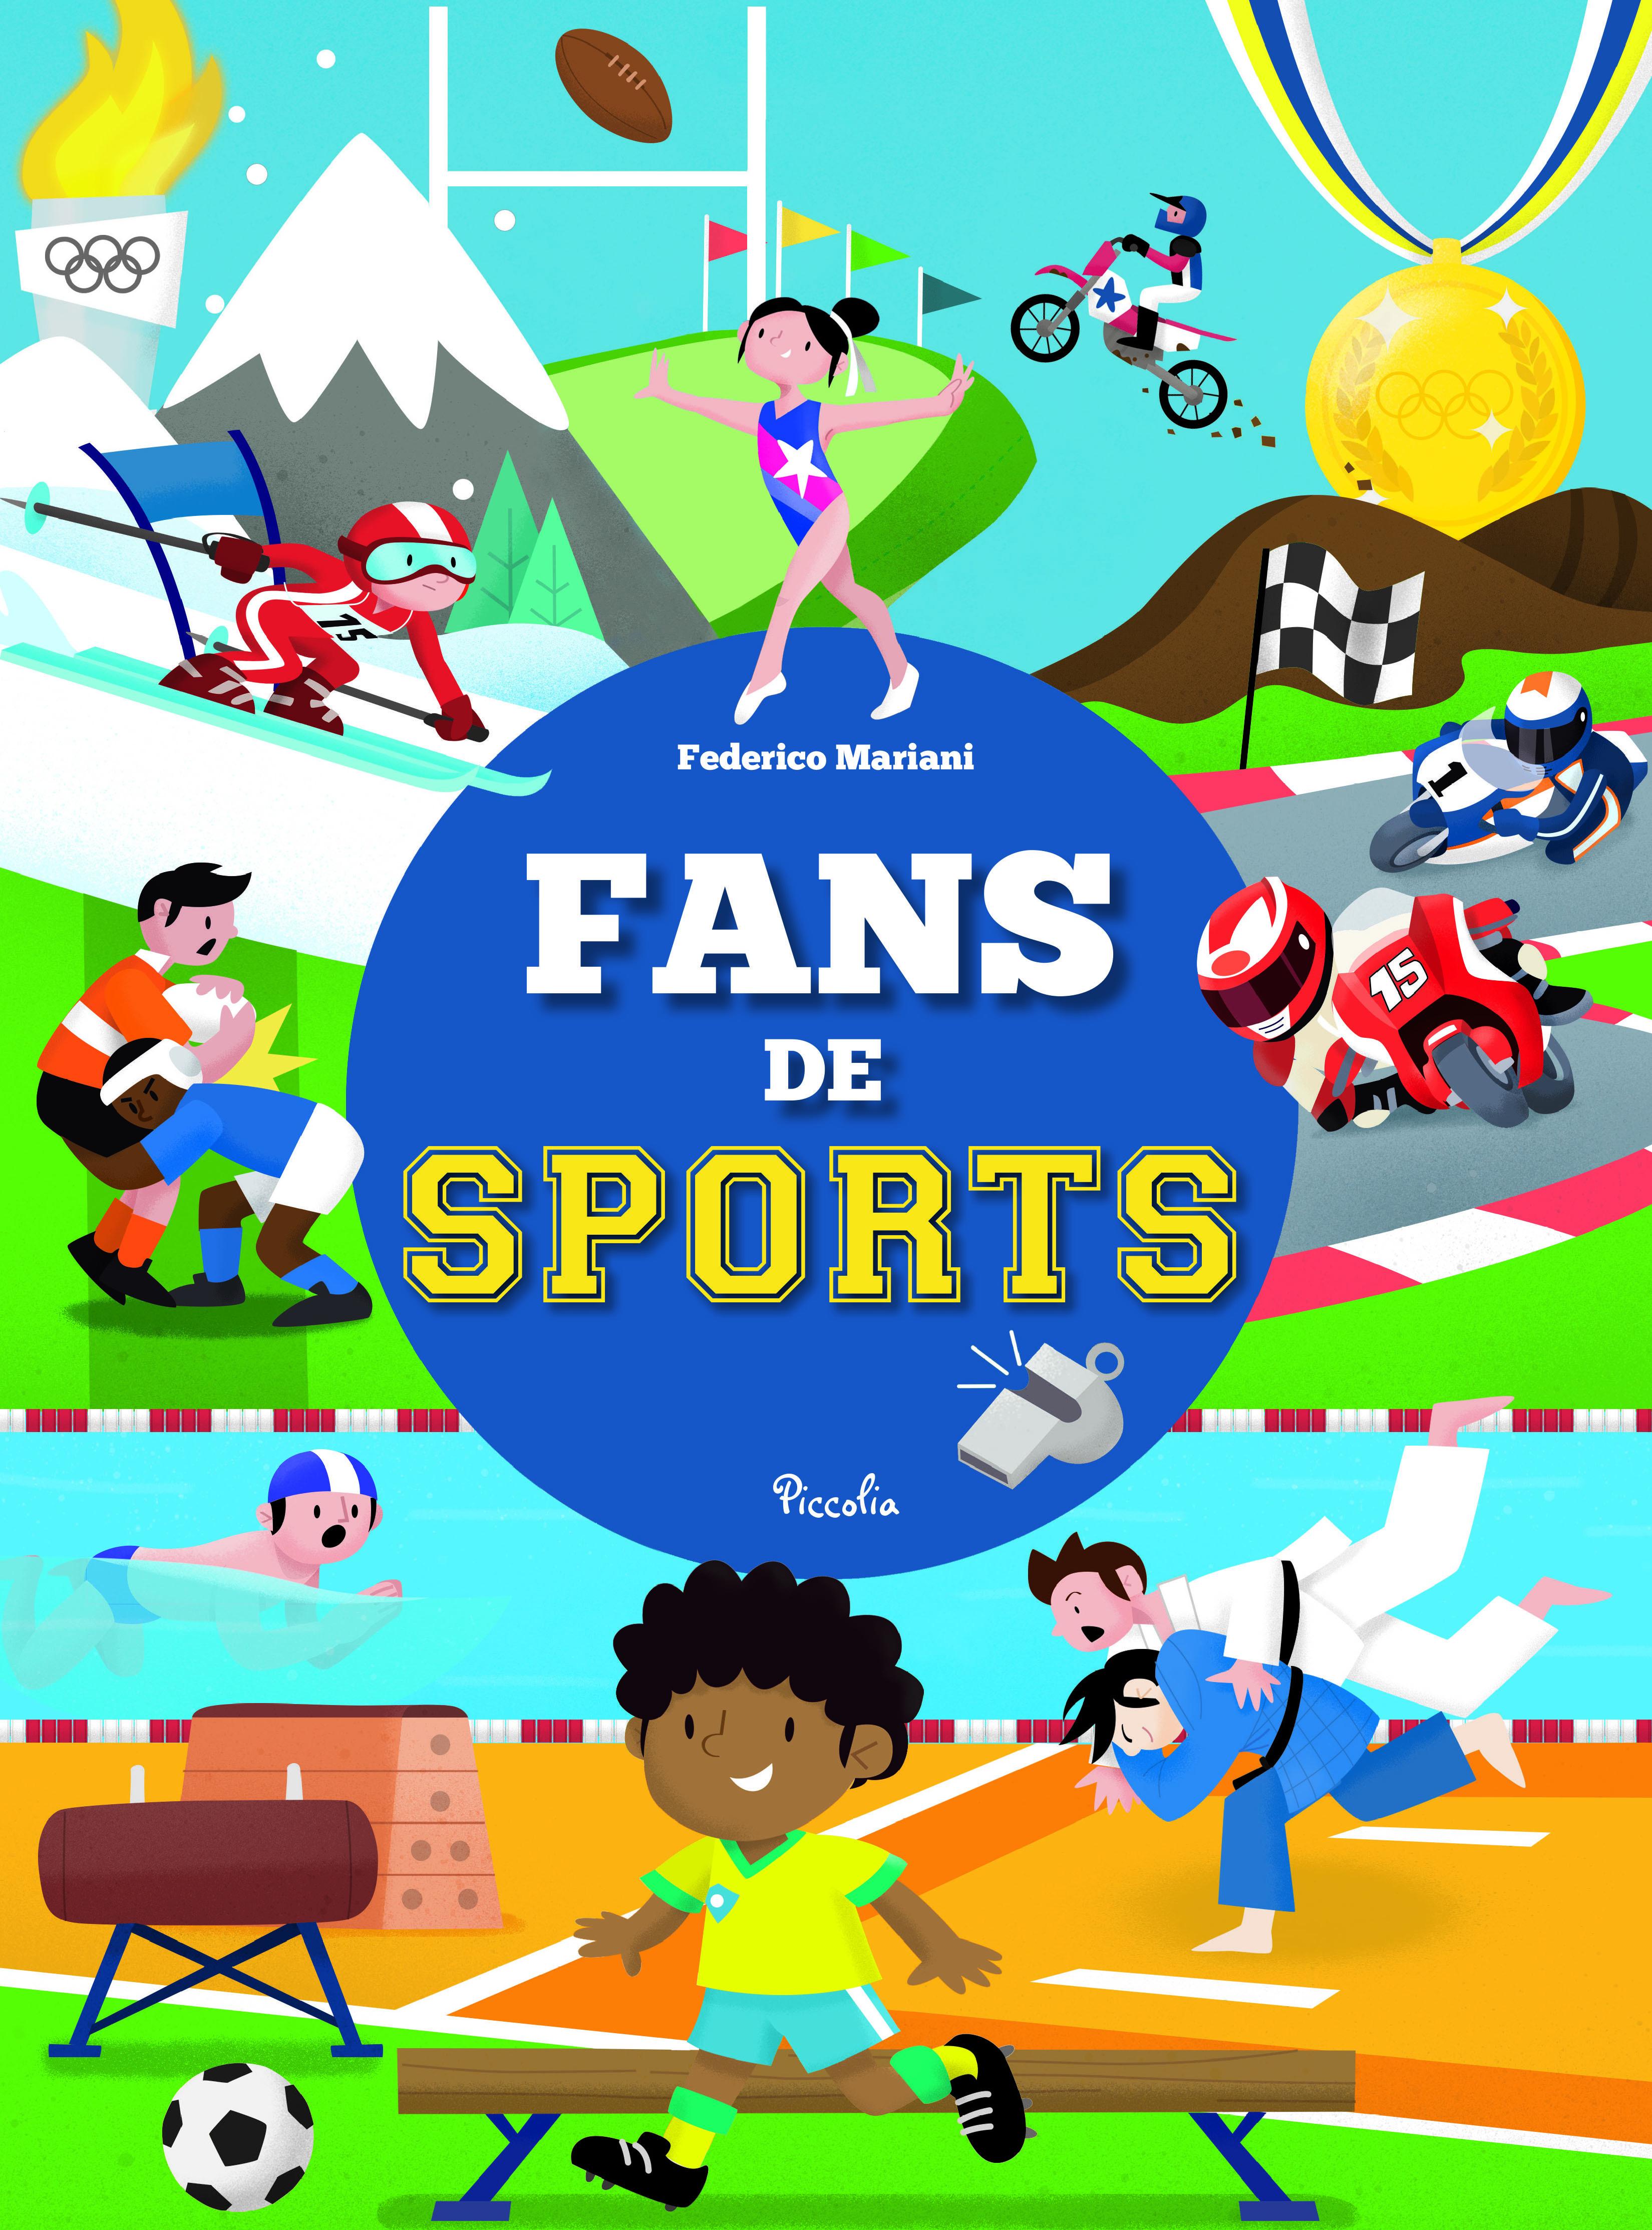 FAN DE SPORTS/FAN DE SPORTS